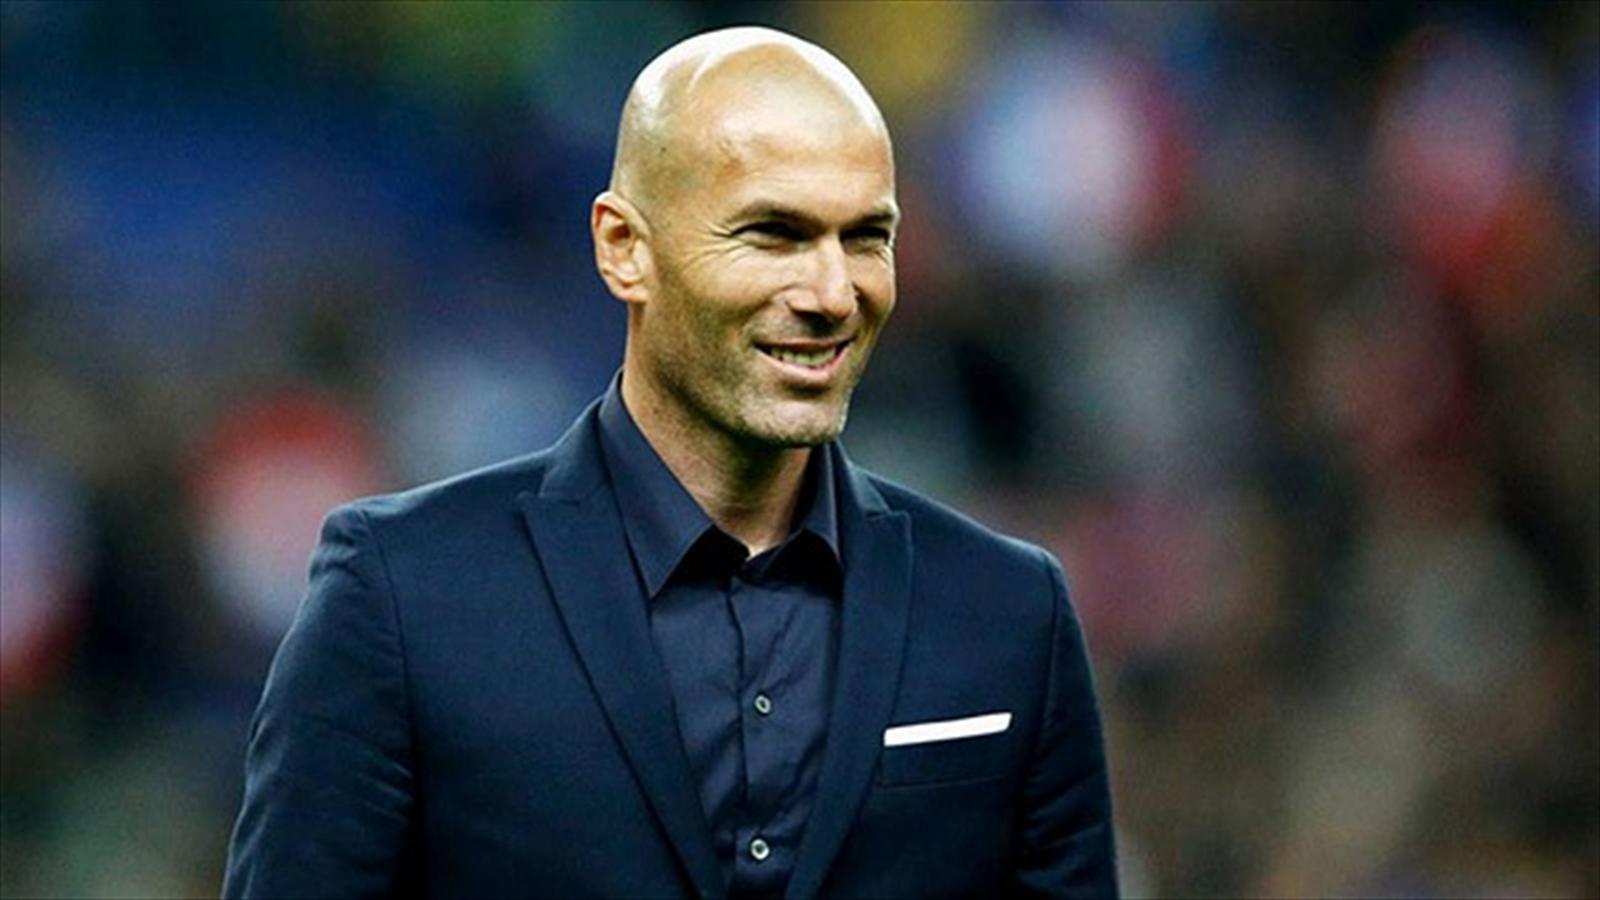 Le nom de Zinedine Zidane figure parmi les successeurs potentiels de Marcelo Bielsa